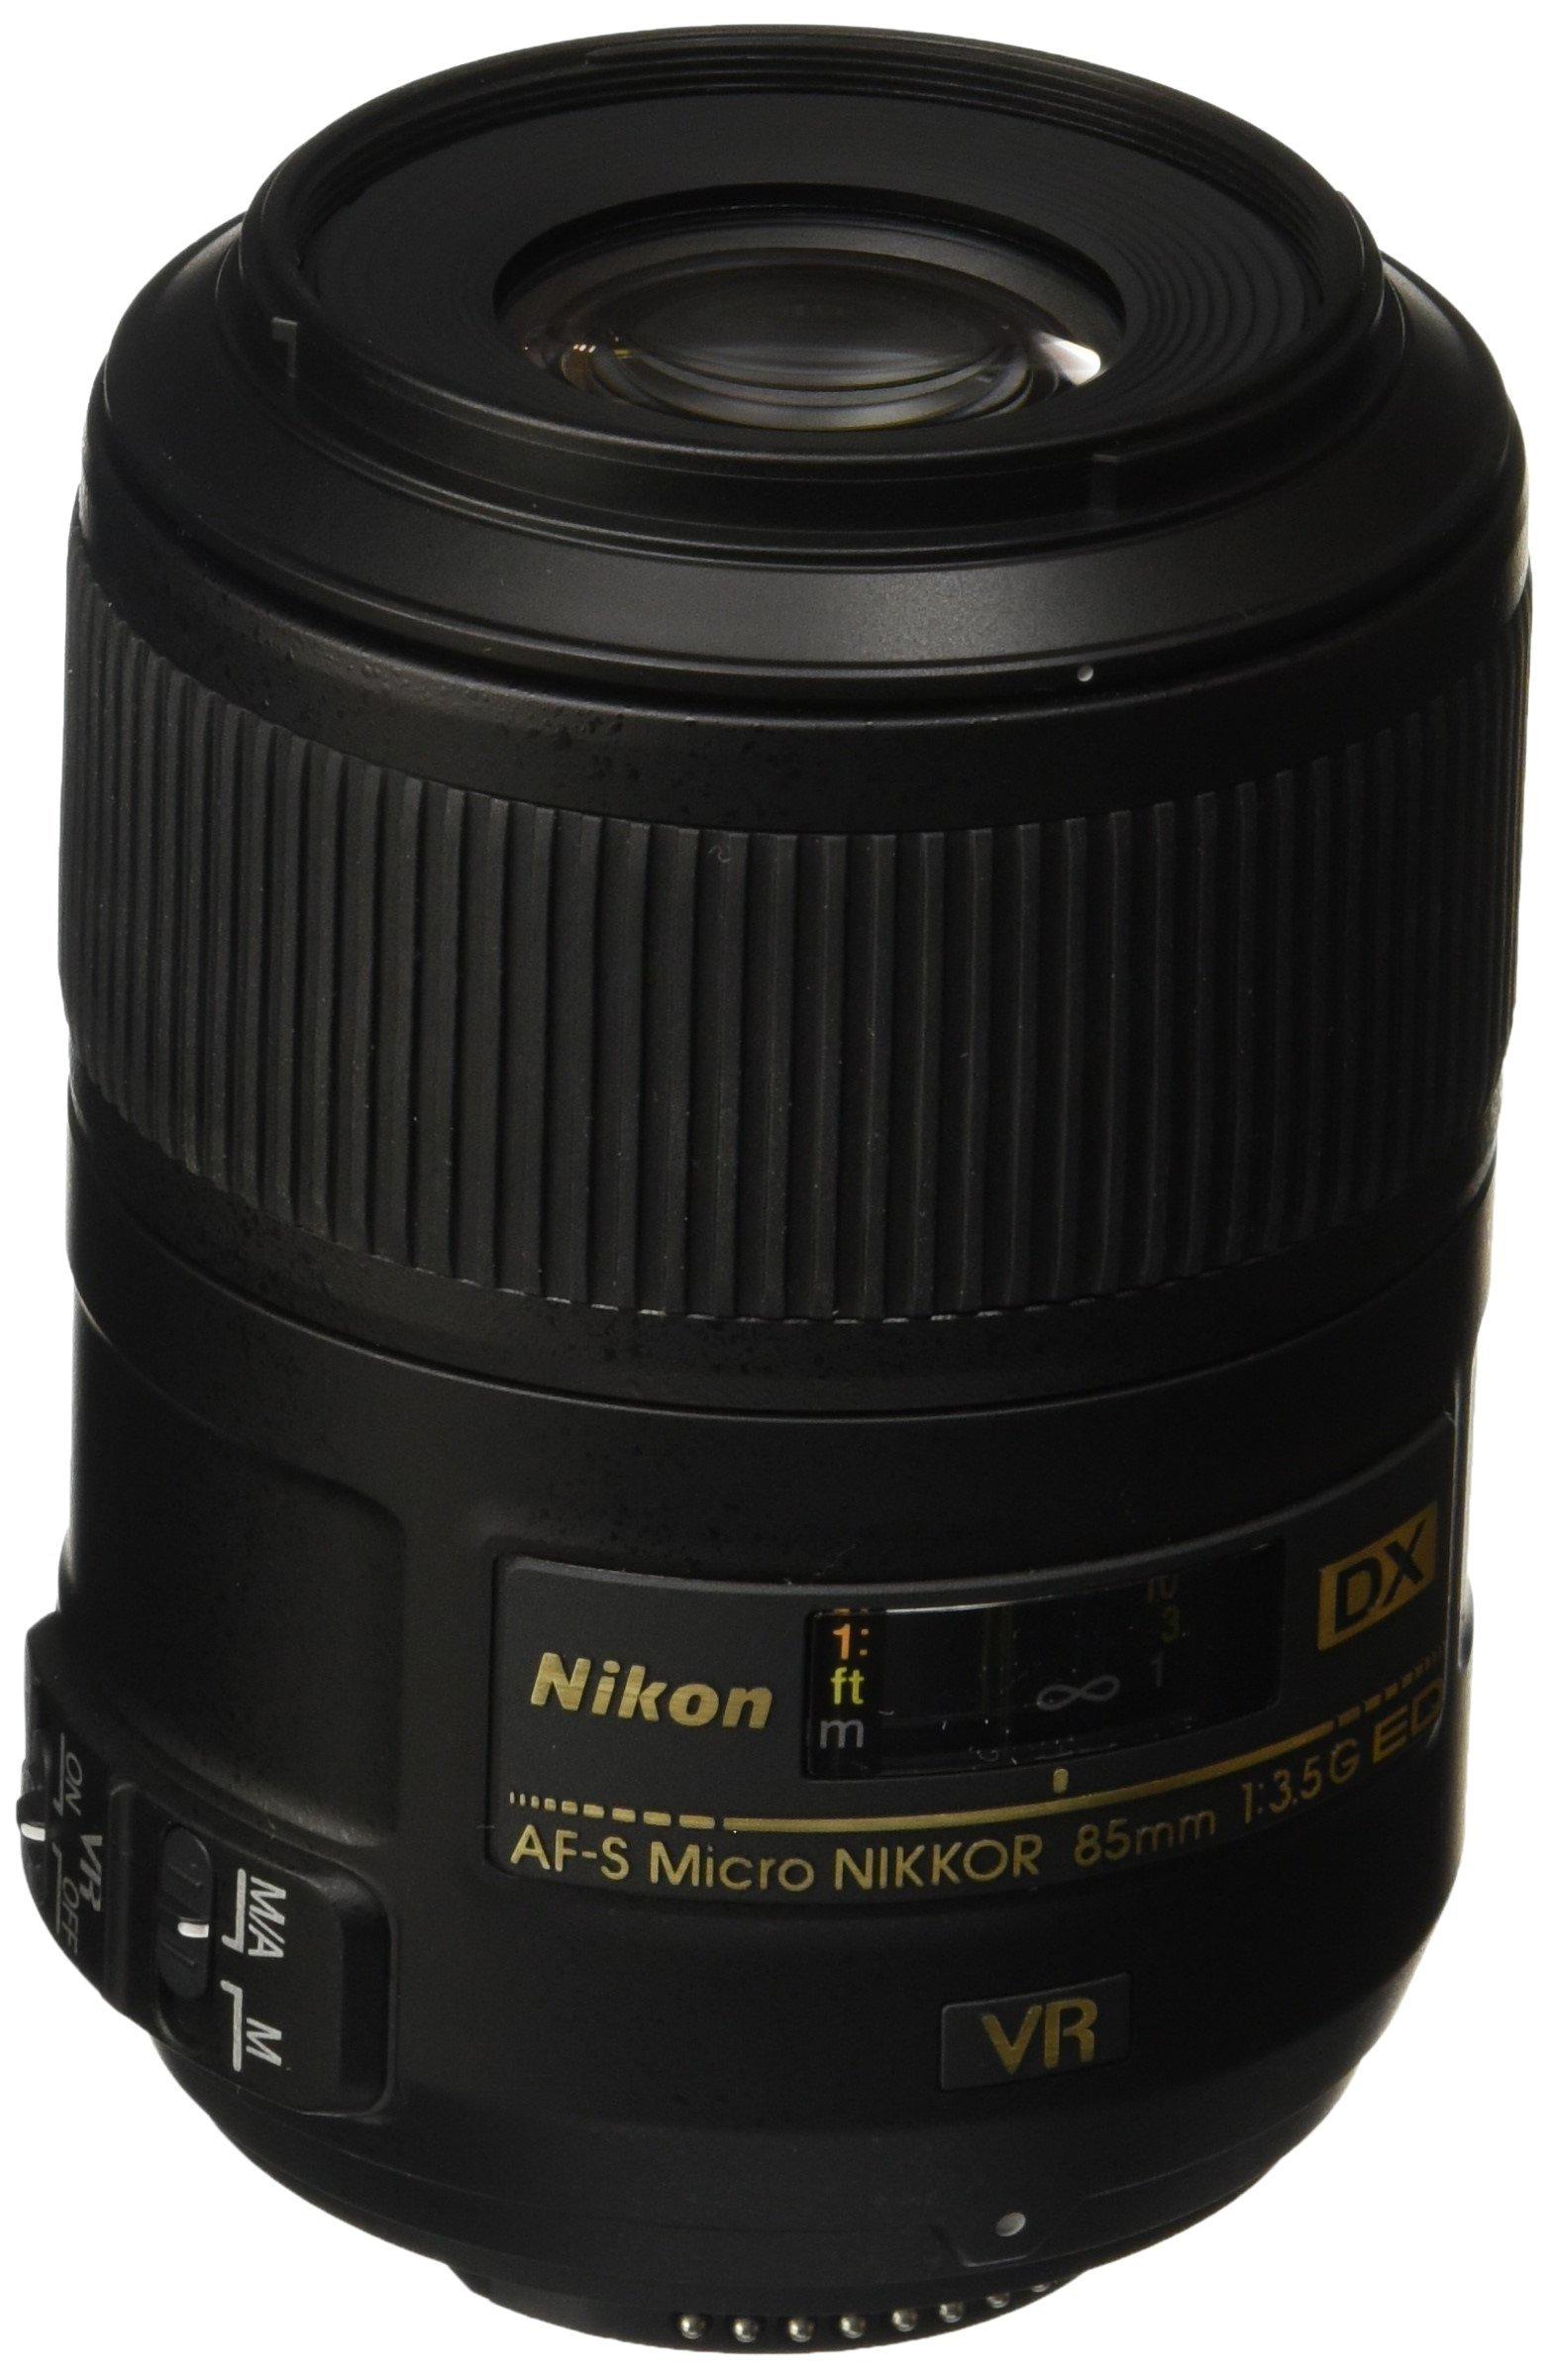 Nikon AF-S DX 85mm f3.5 G ED VR Micro